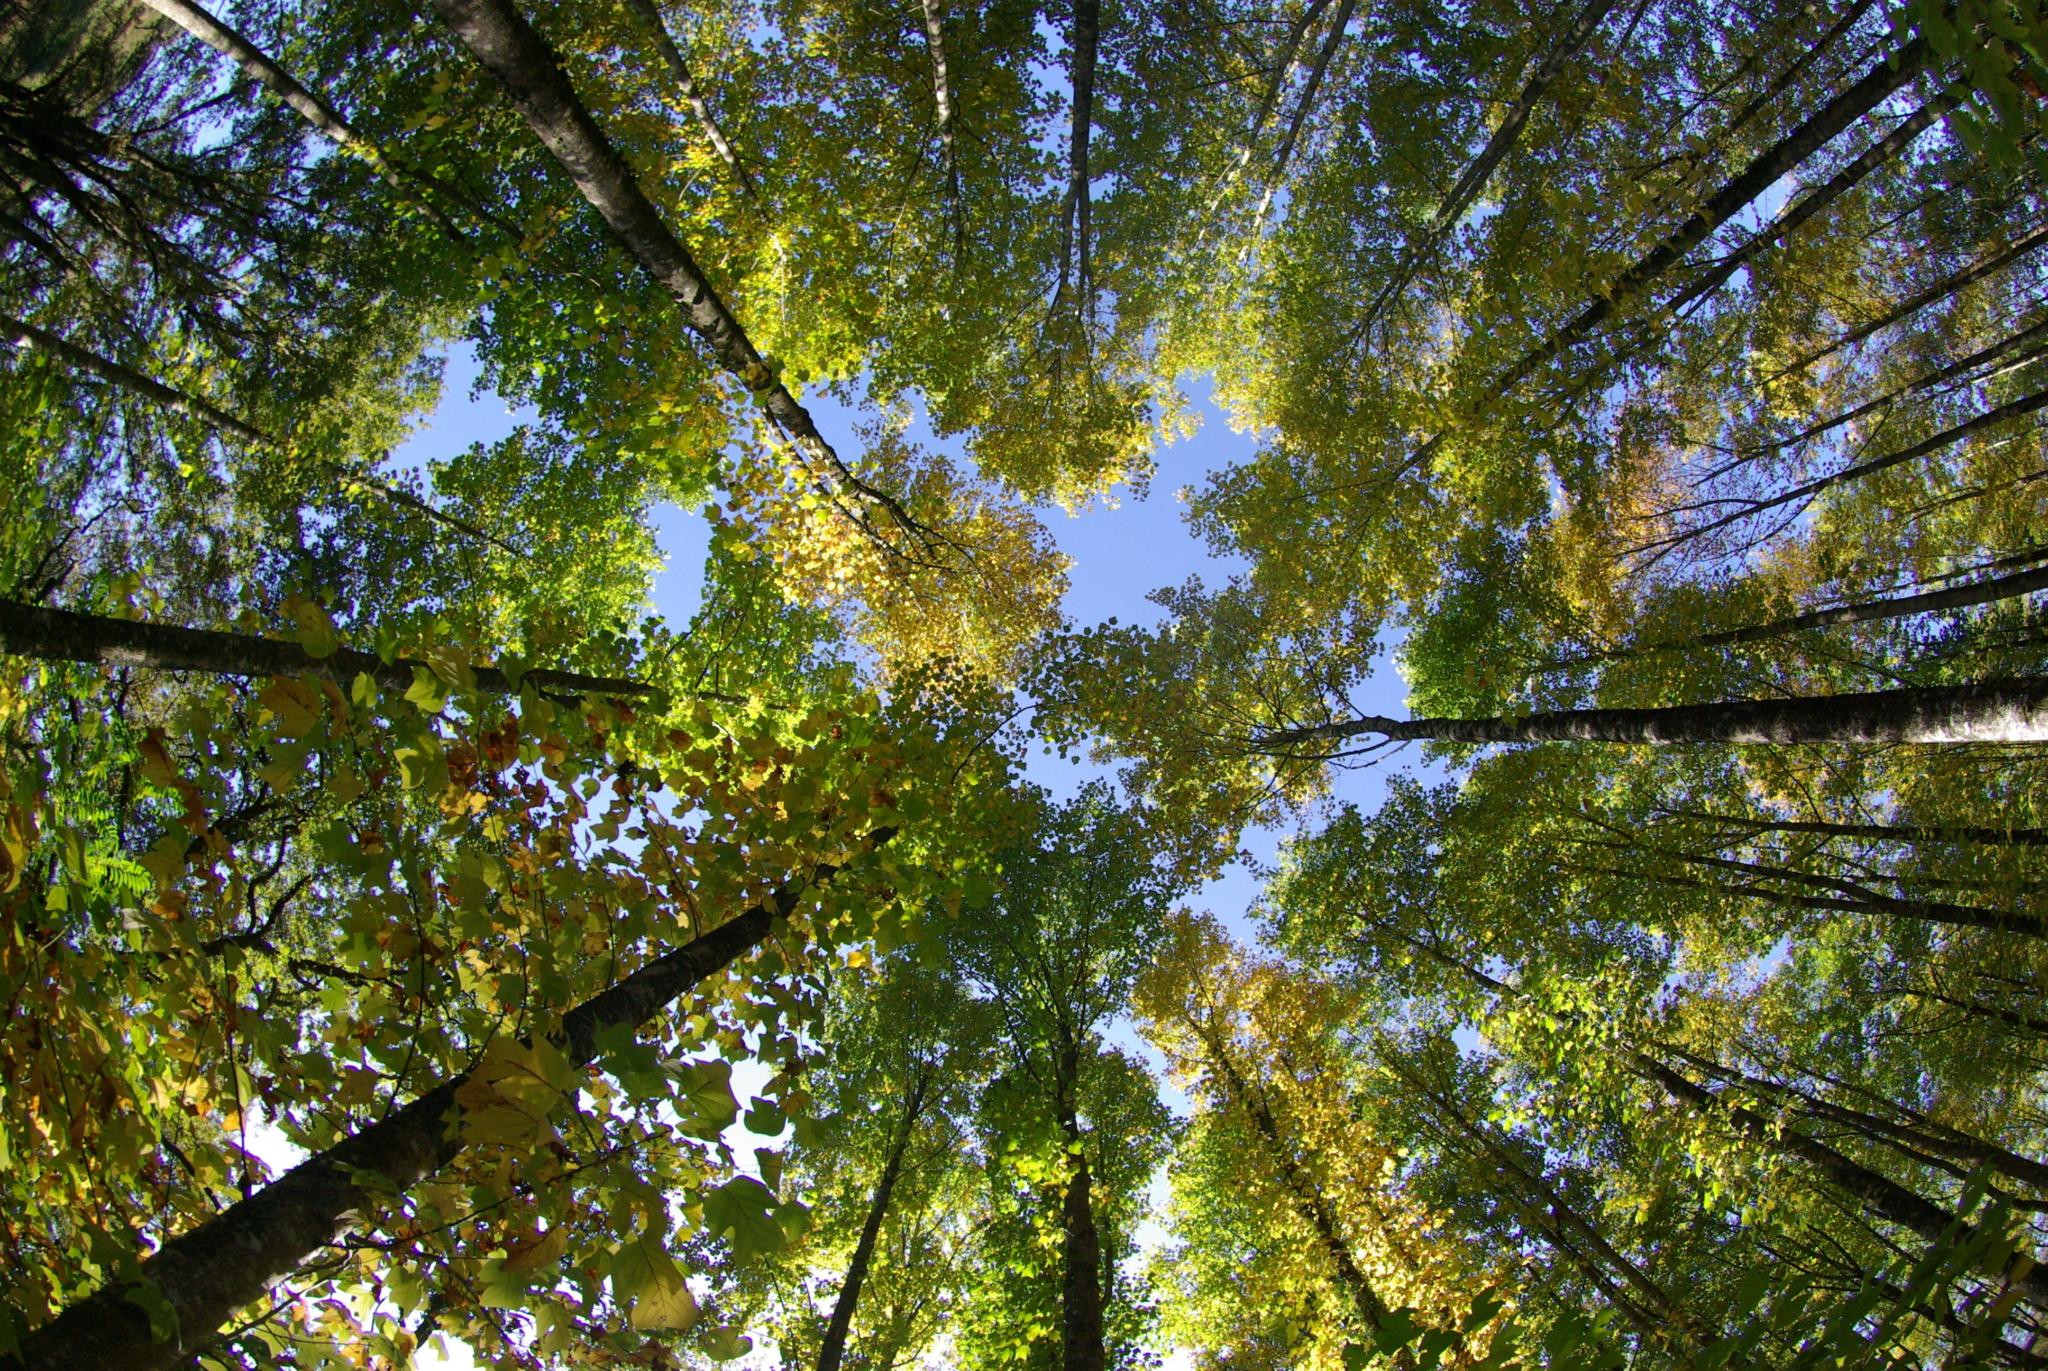 Agence Boinet - Importateur de Bois France